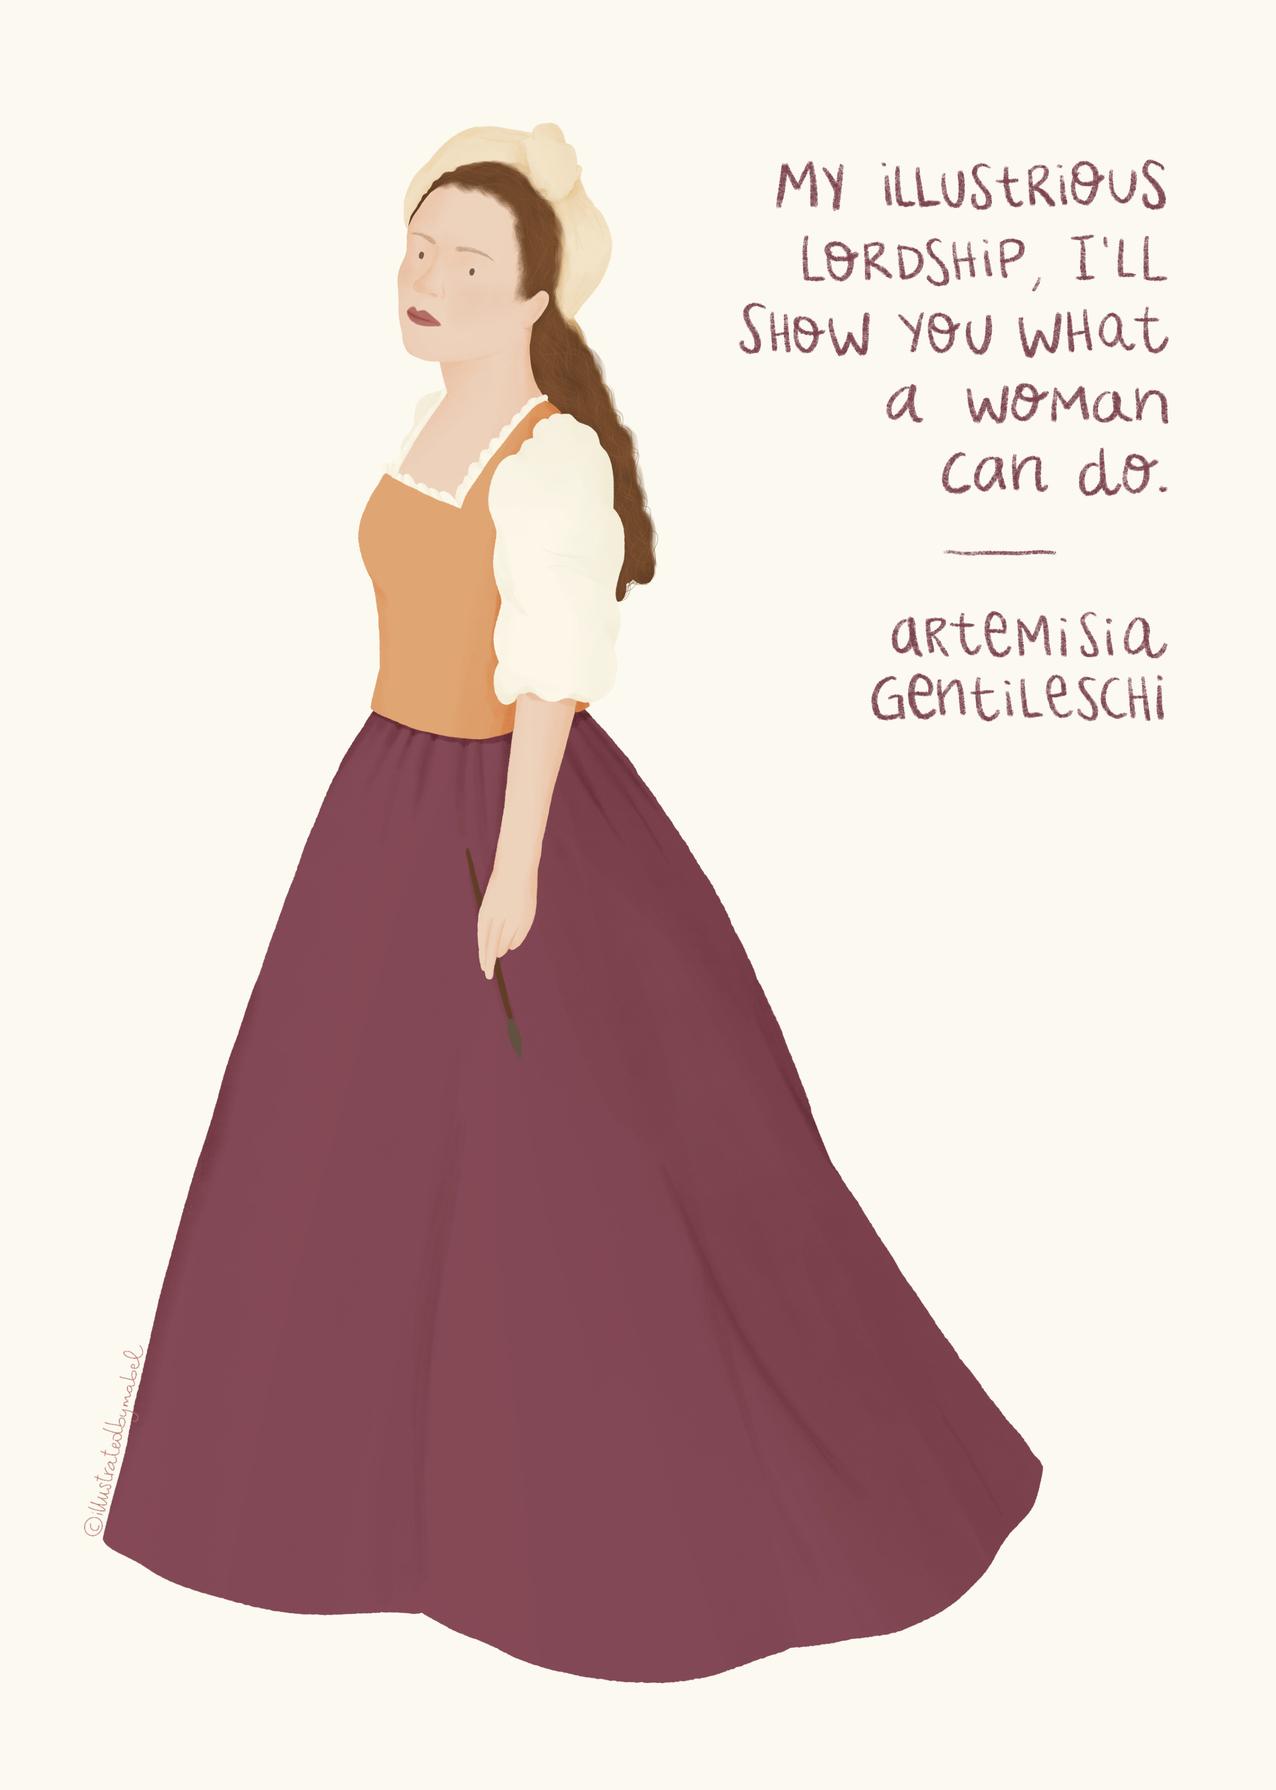 Artemisia Gentileschi illustration